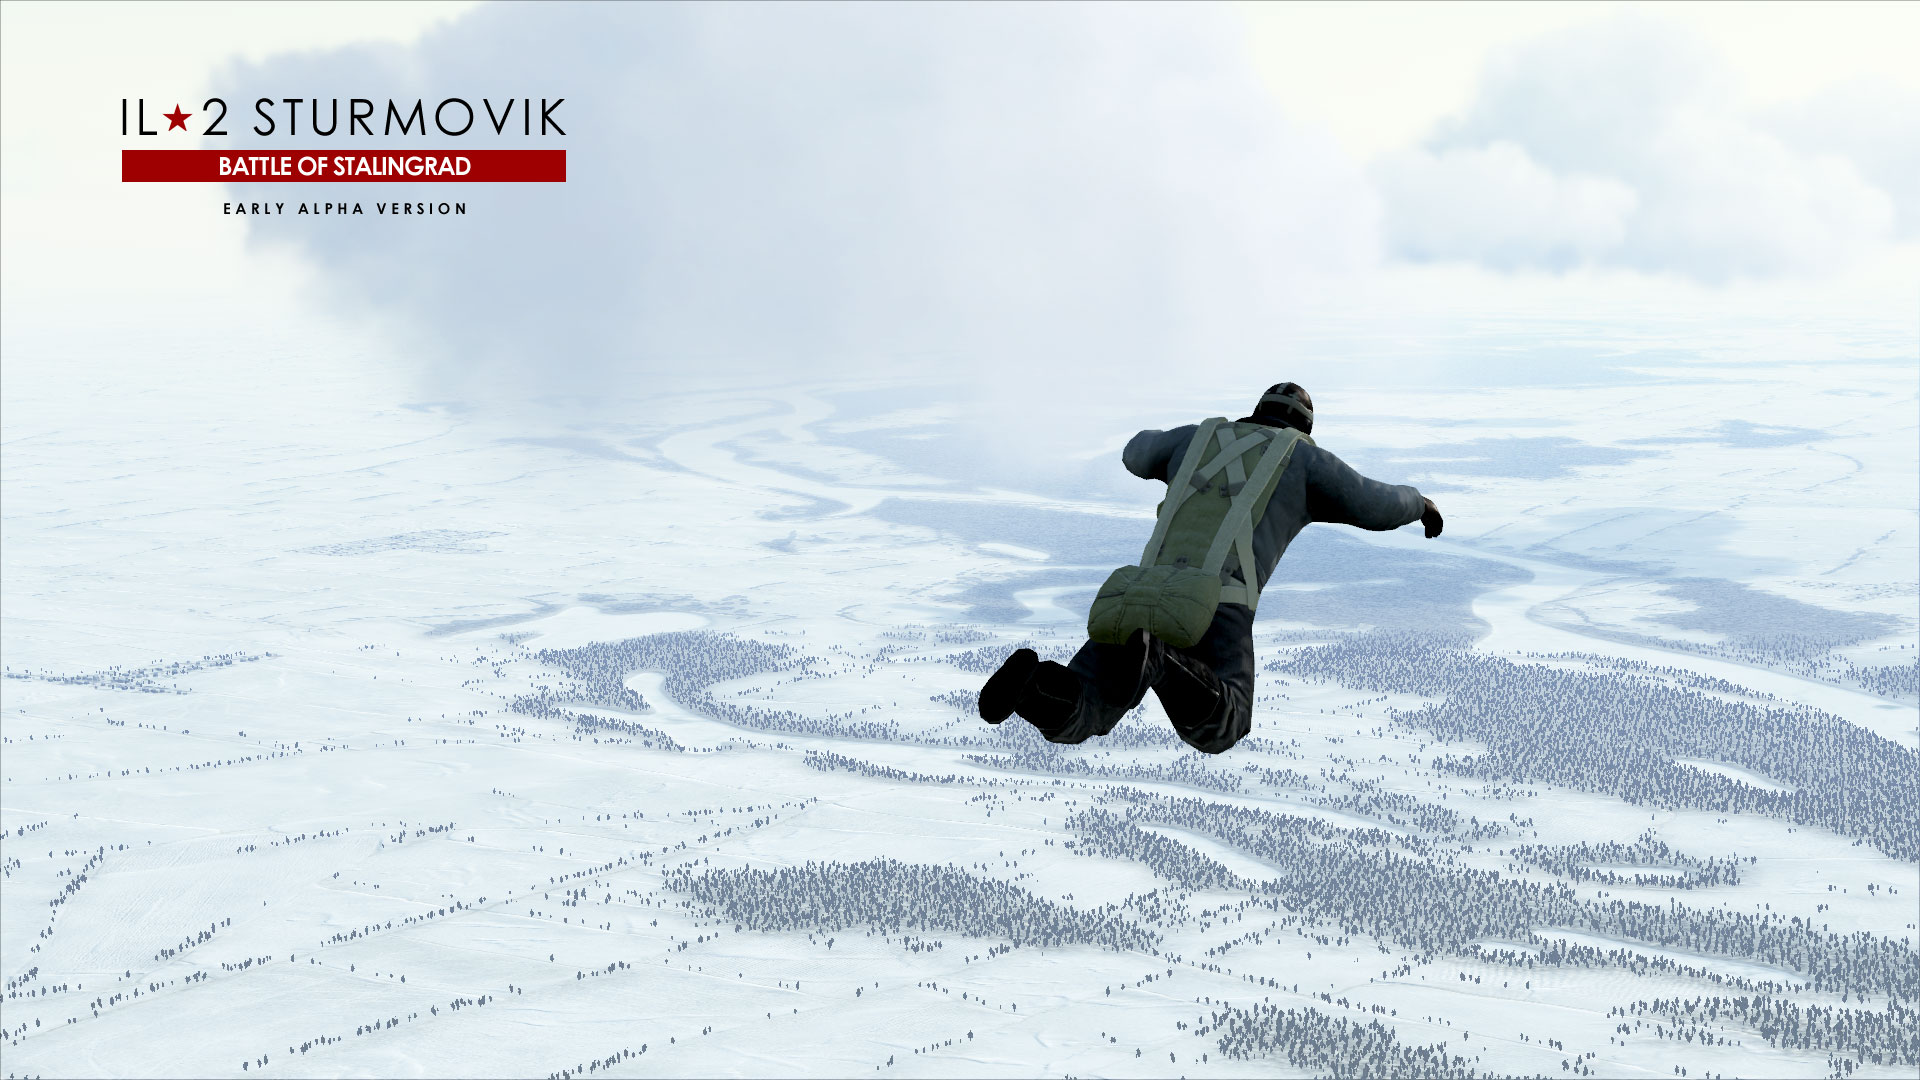 Ил 2 схтурмовик битва за сталинград 2014 торрент